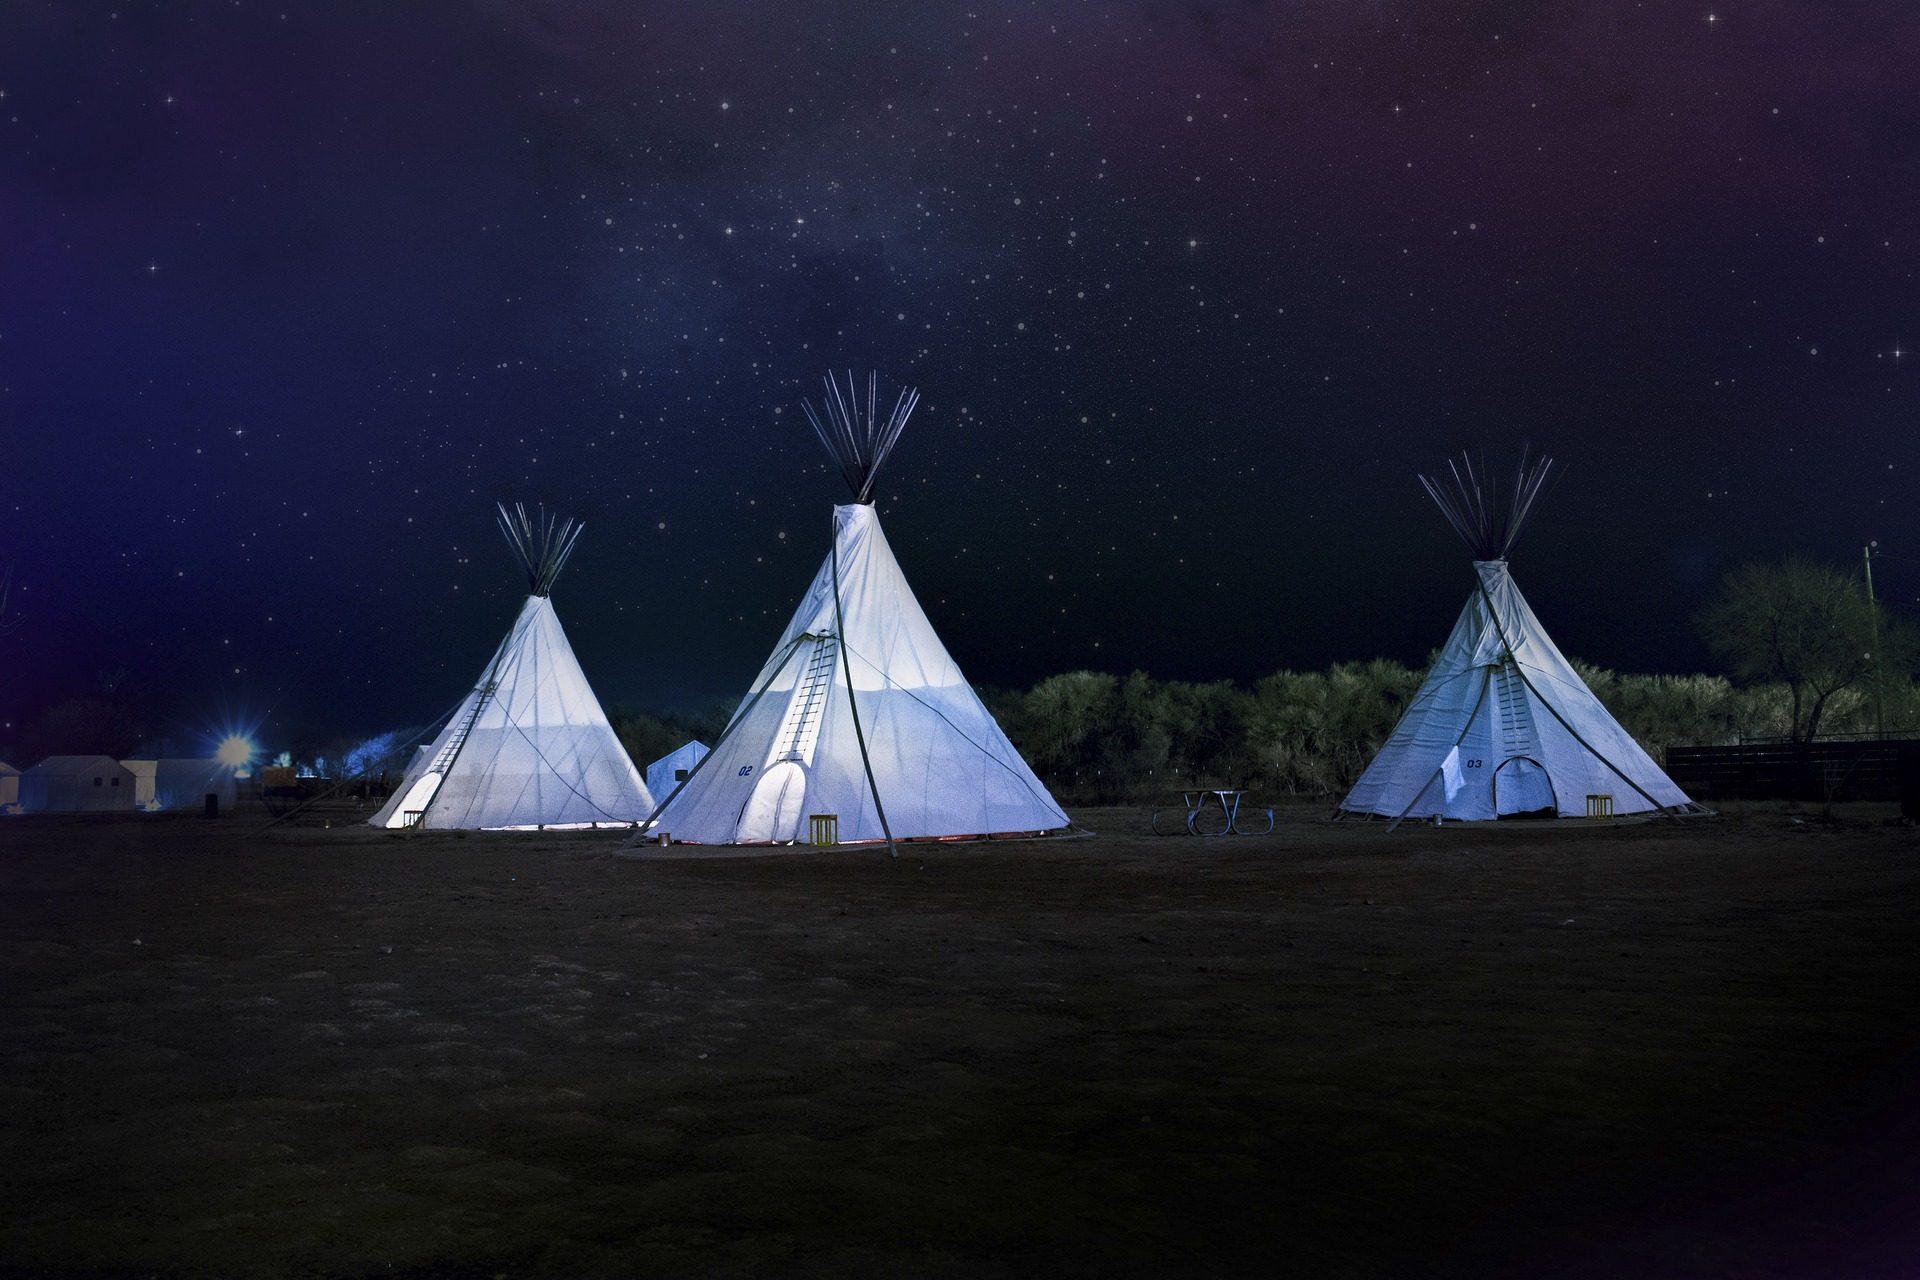 lojas, Acampar, floresta, campo, à noite, Estrela, Céu - Papéis de parede HD - Professor-falken.com